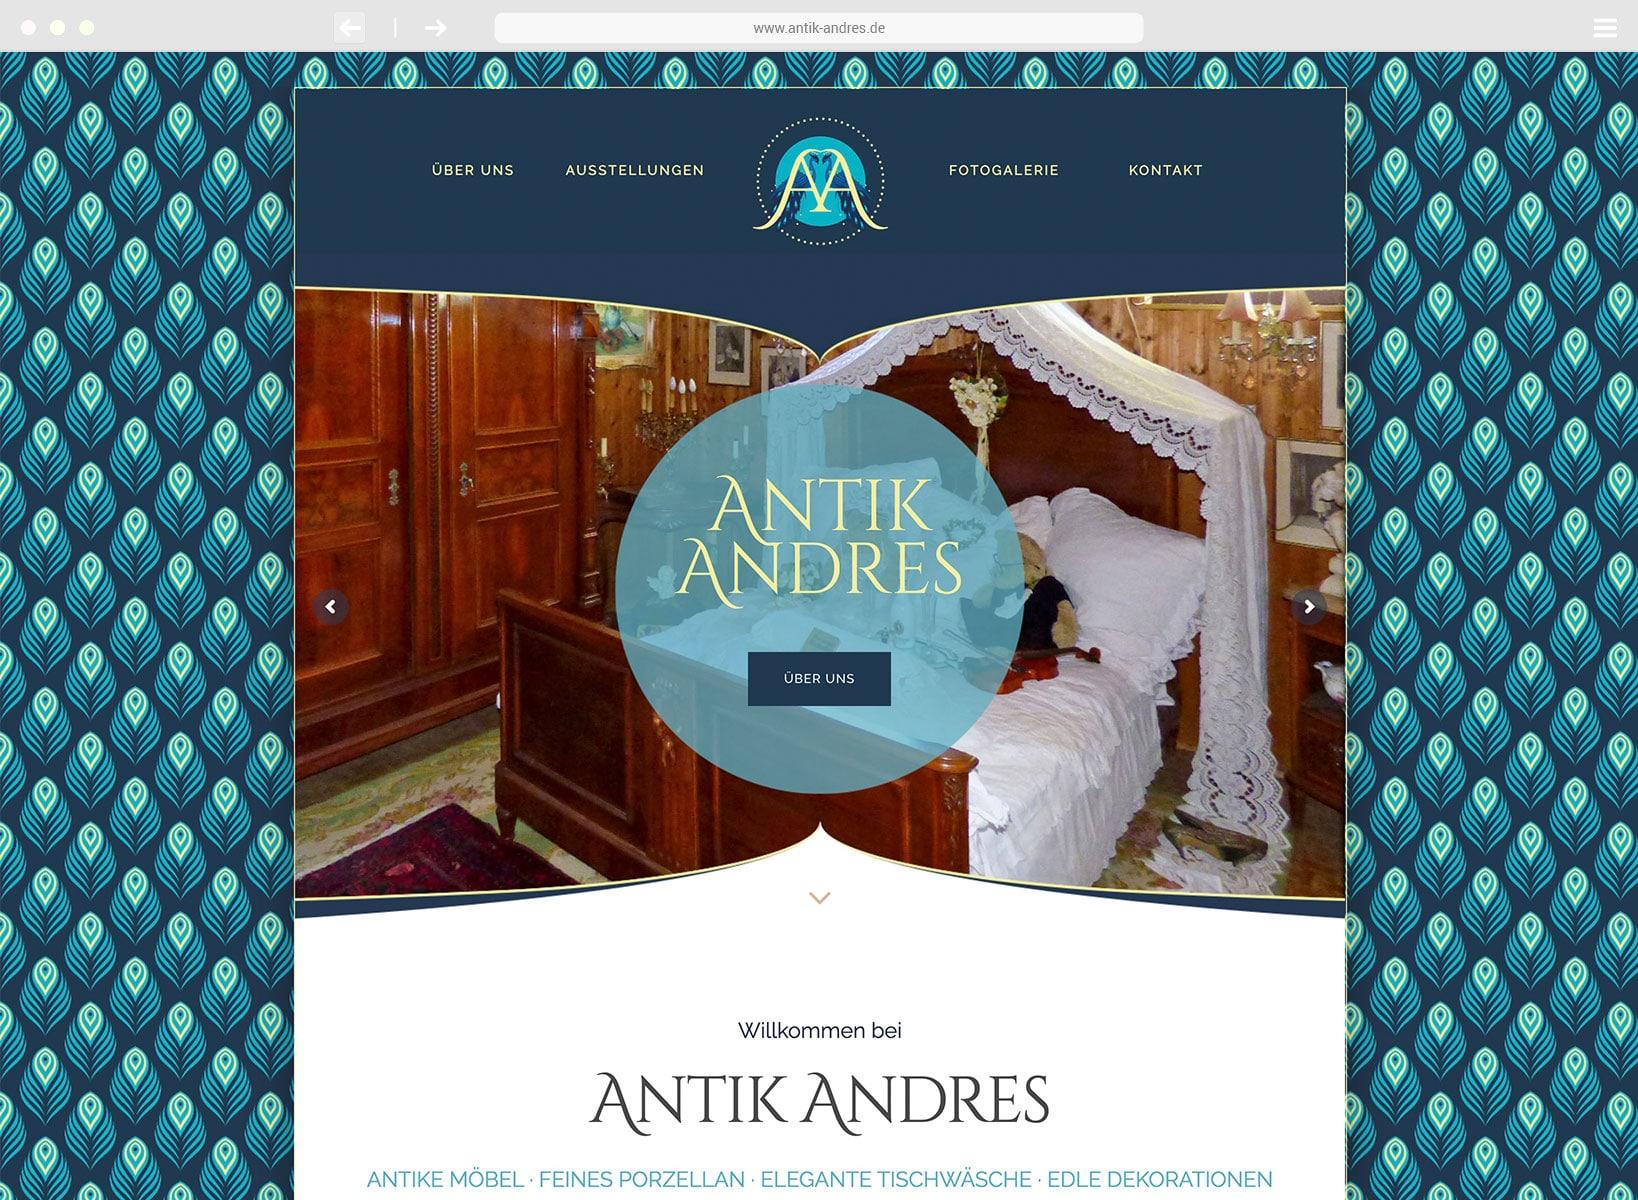 www.antik-andres.de